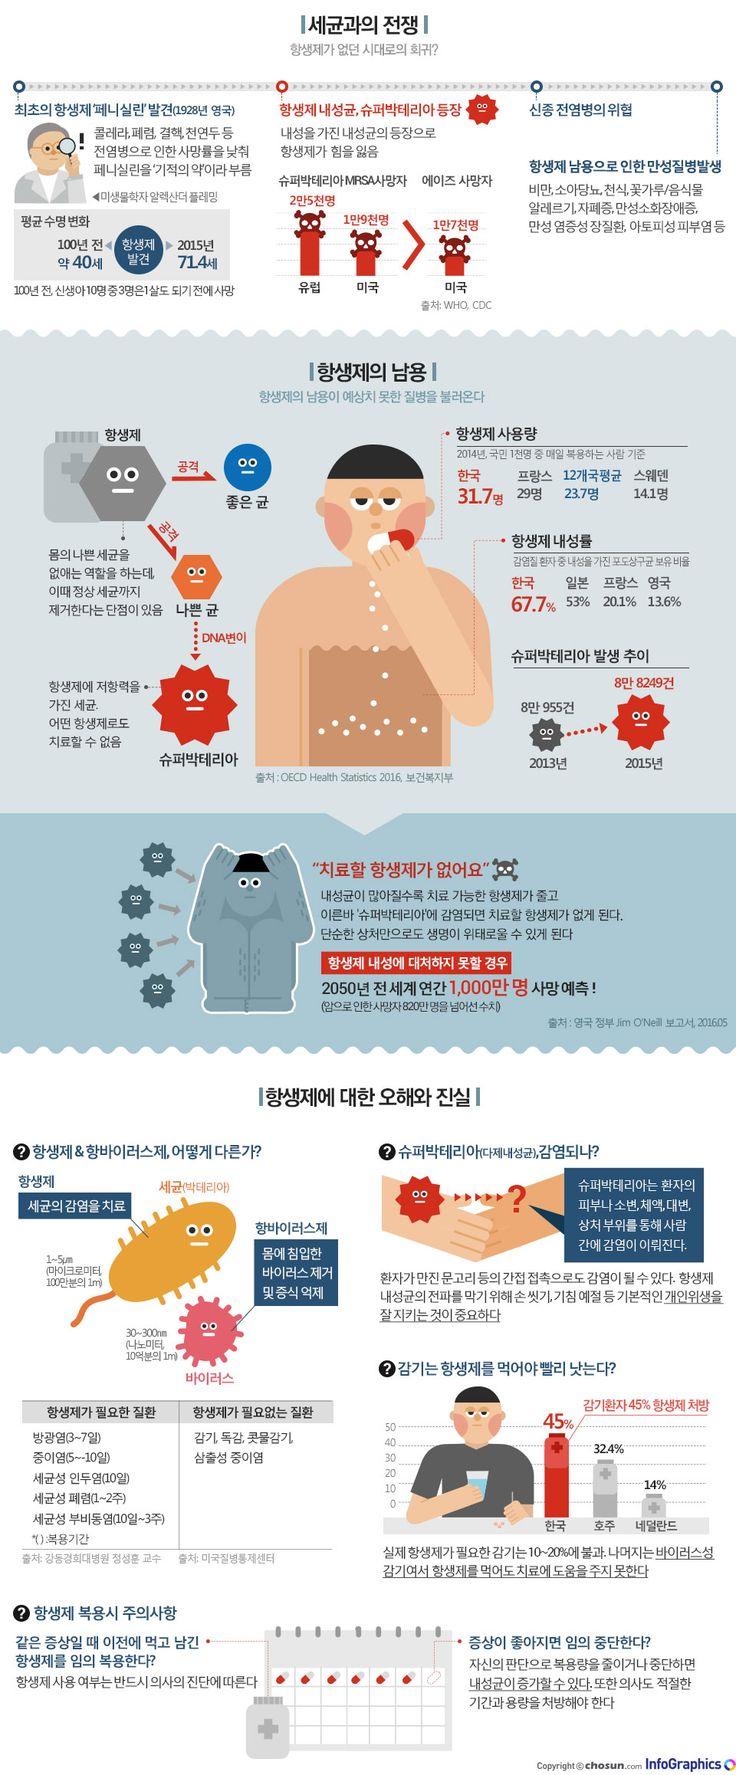 항생제의 역습, 오·남용으로 인한 부작용 - 조선닷컴 인포그래픽스 - 인터랙티브 > 라이프